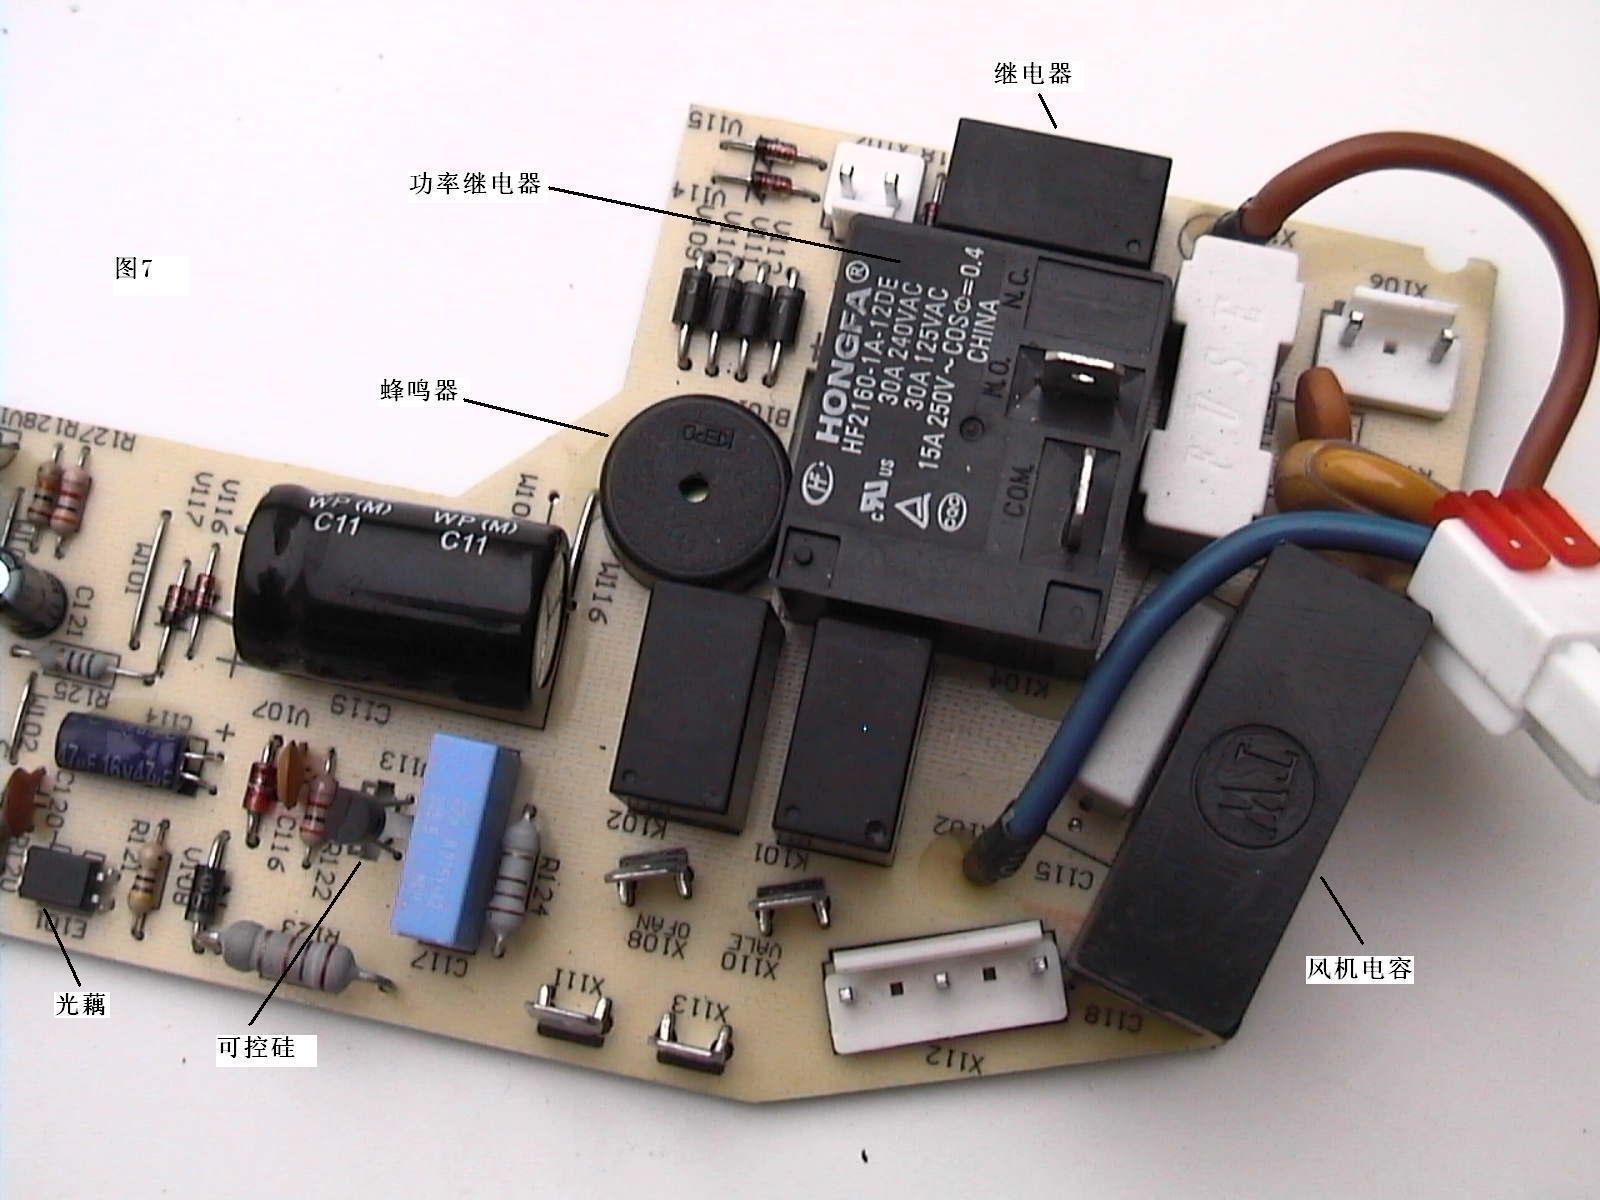 [大众版2004,10]科龙挂机控制电路